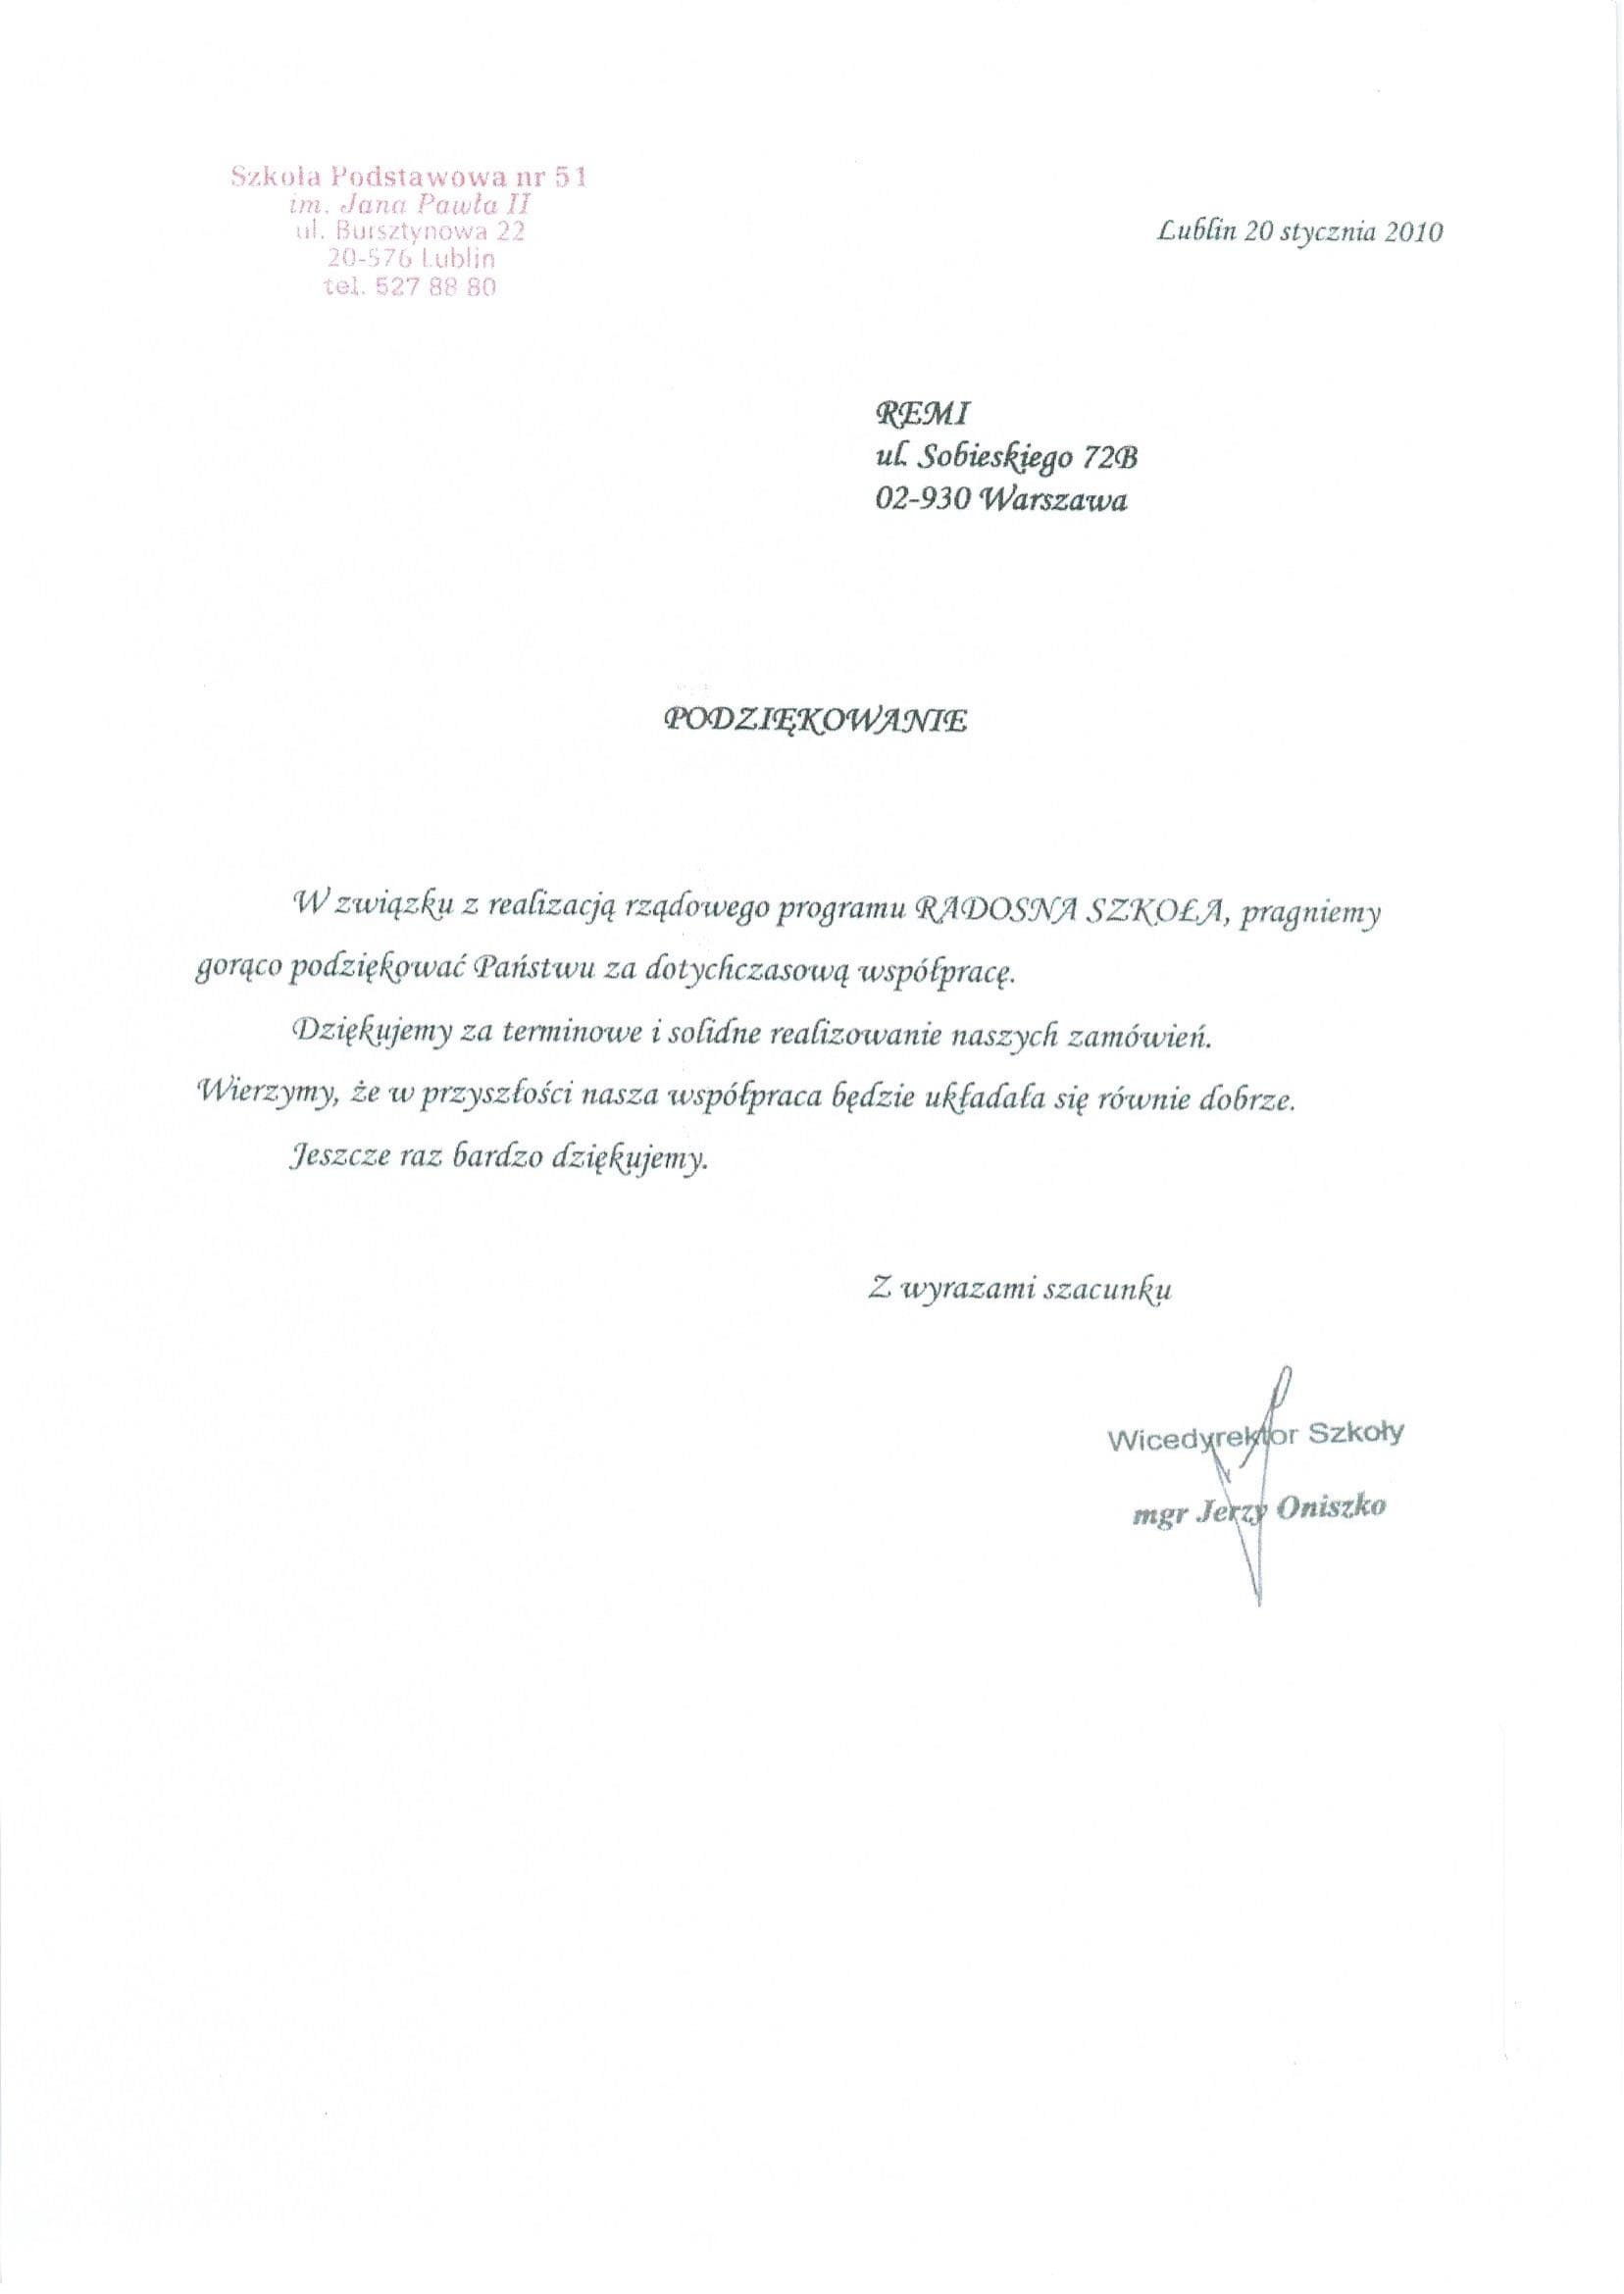 Szkoła Podstawowa nr 51 Lublin